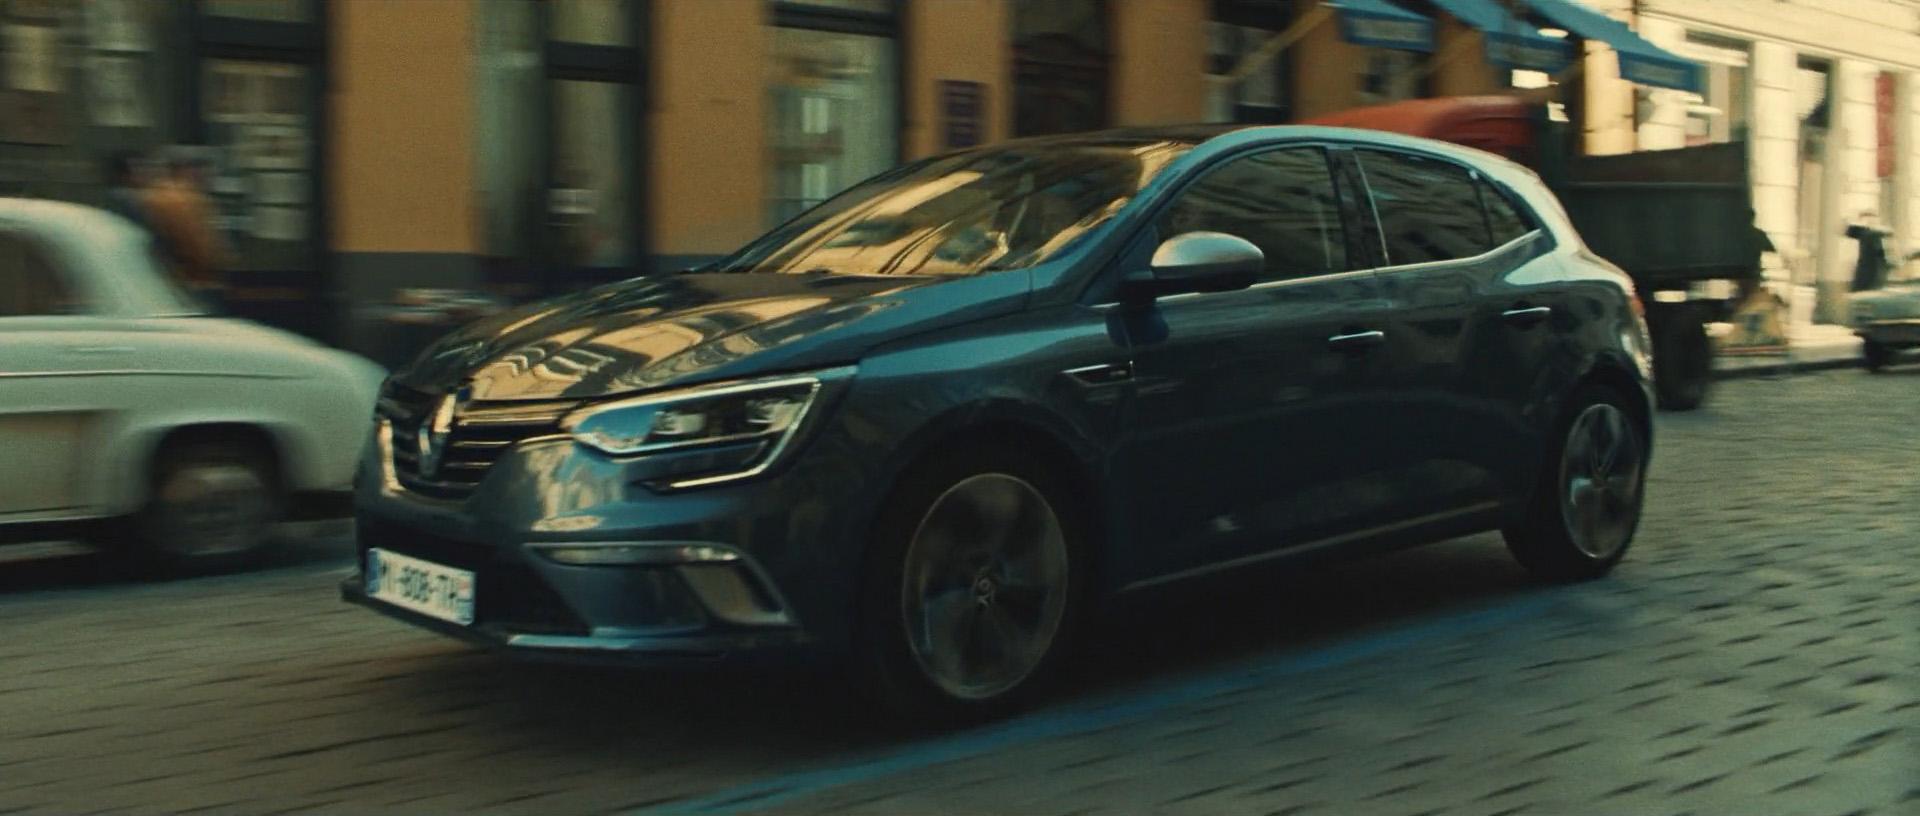 Renault - Renew (Dir. Cut)-0293